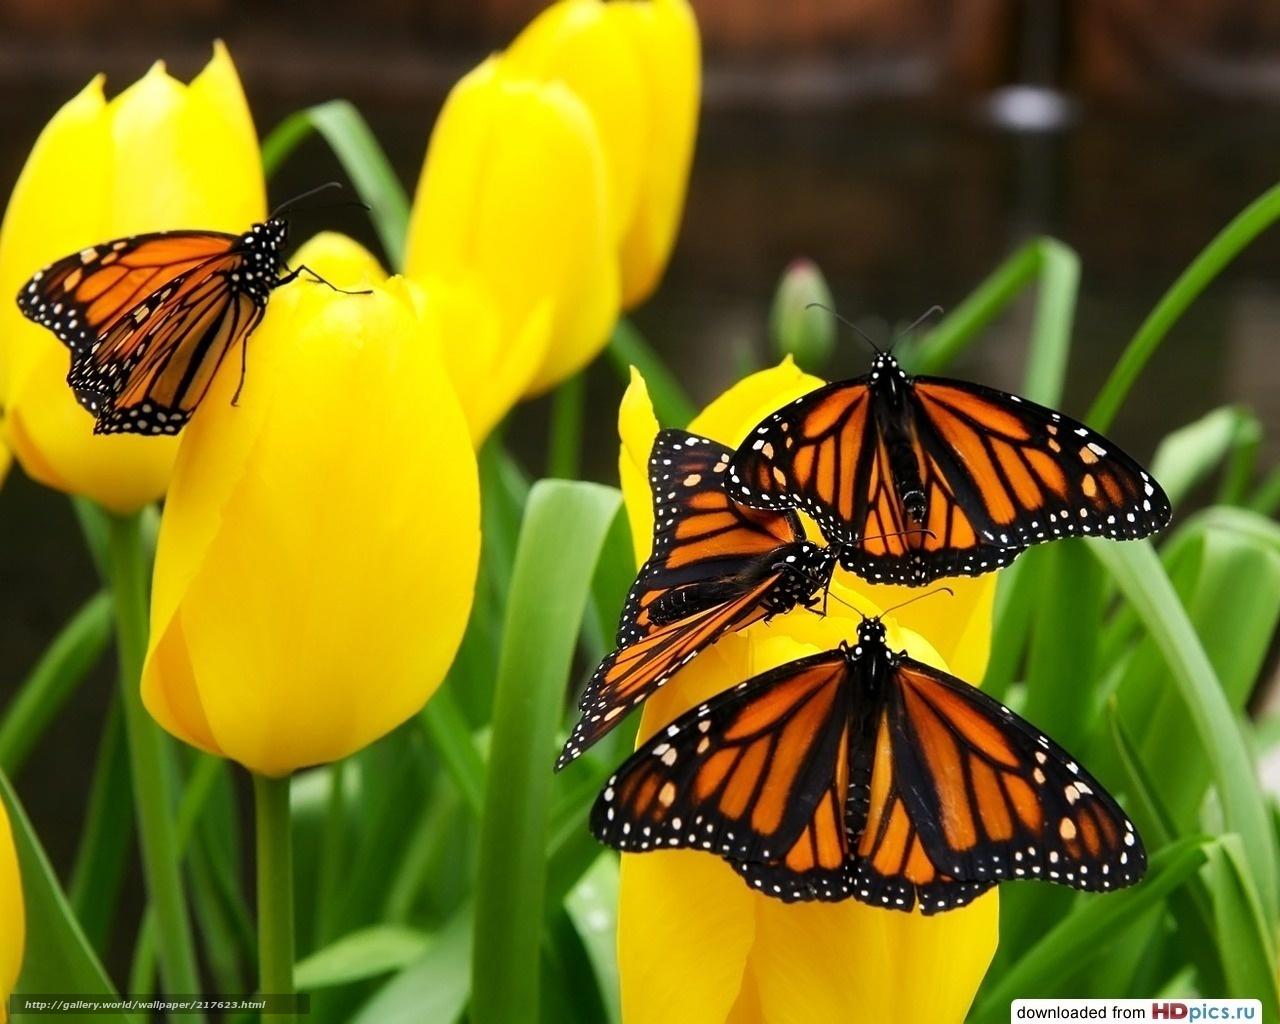 Hq çiçek sarı laleler çiçekler böcekler 1280x1024 üzerinde